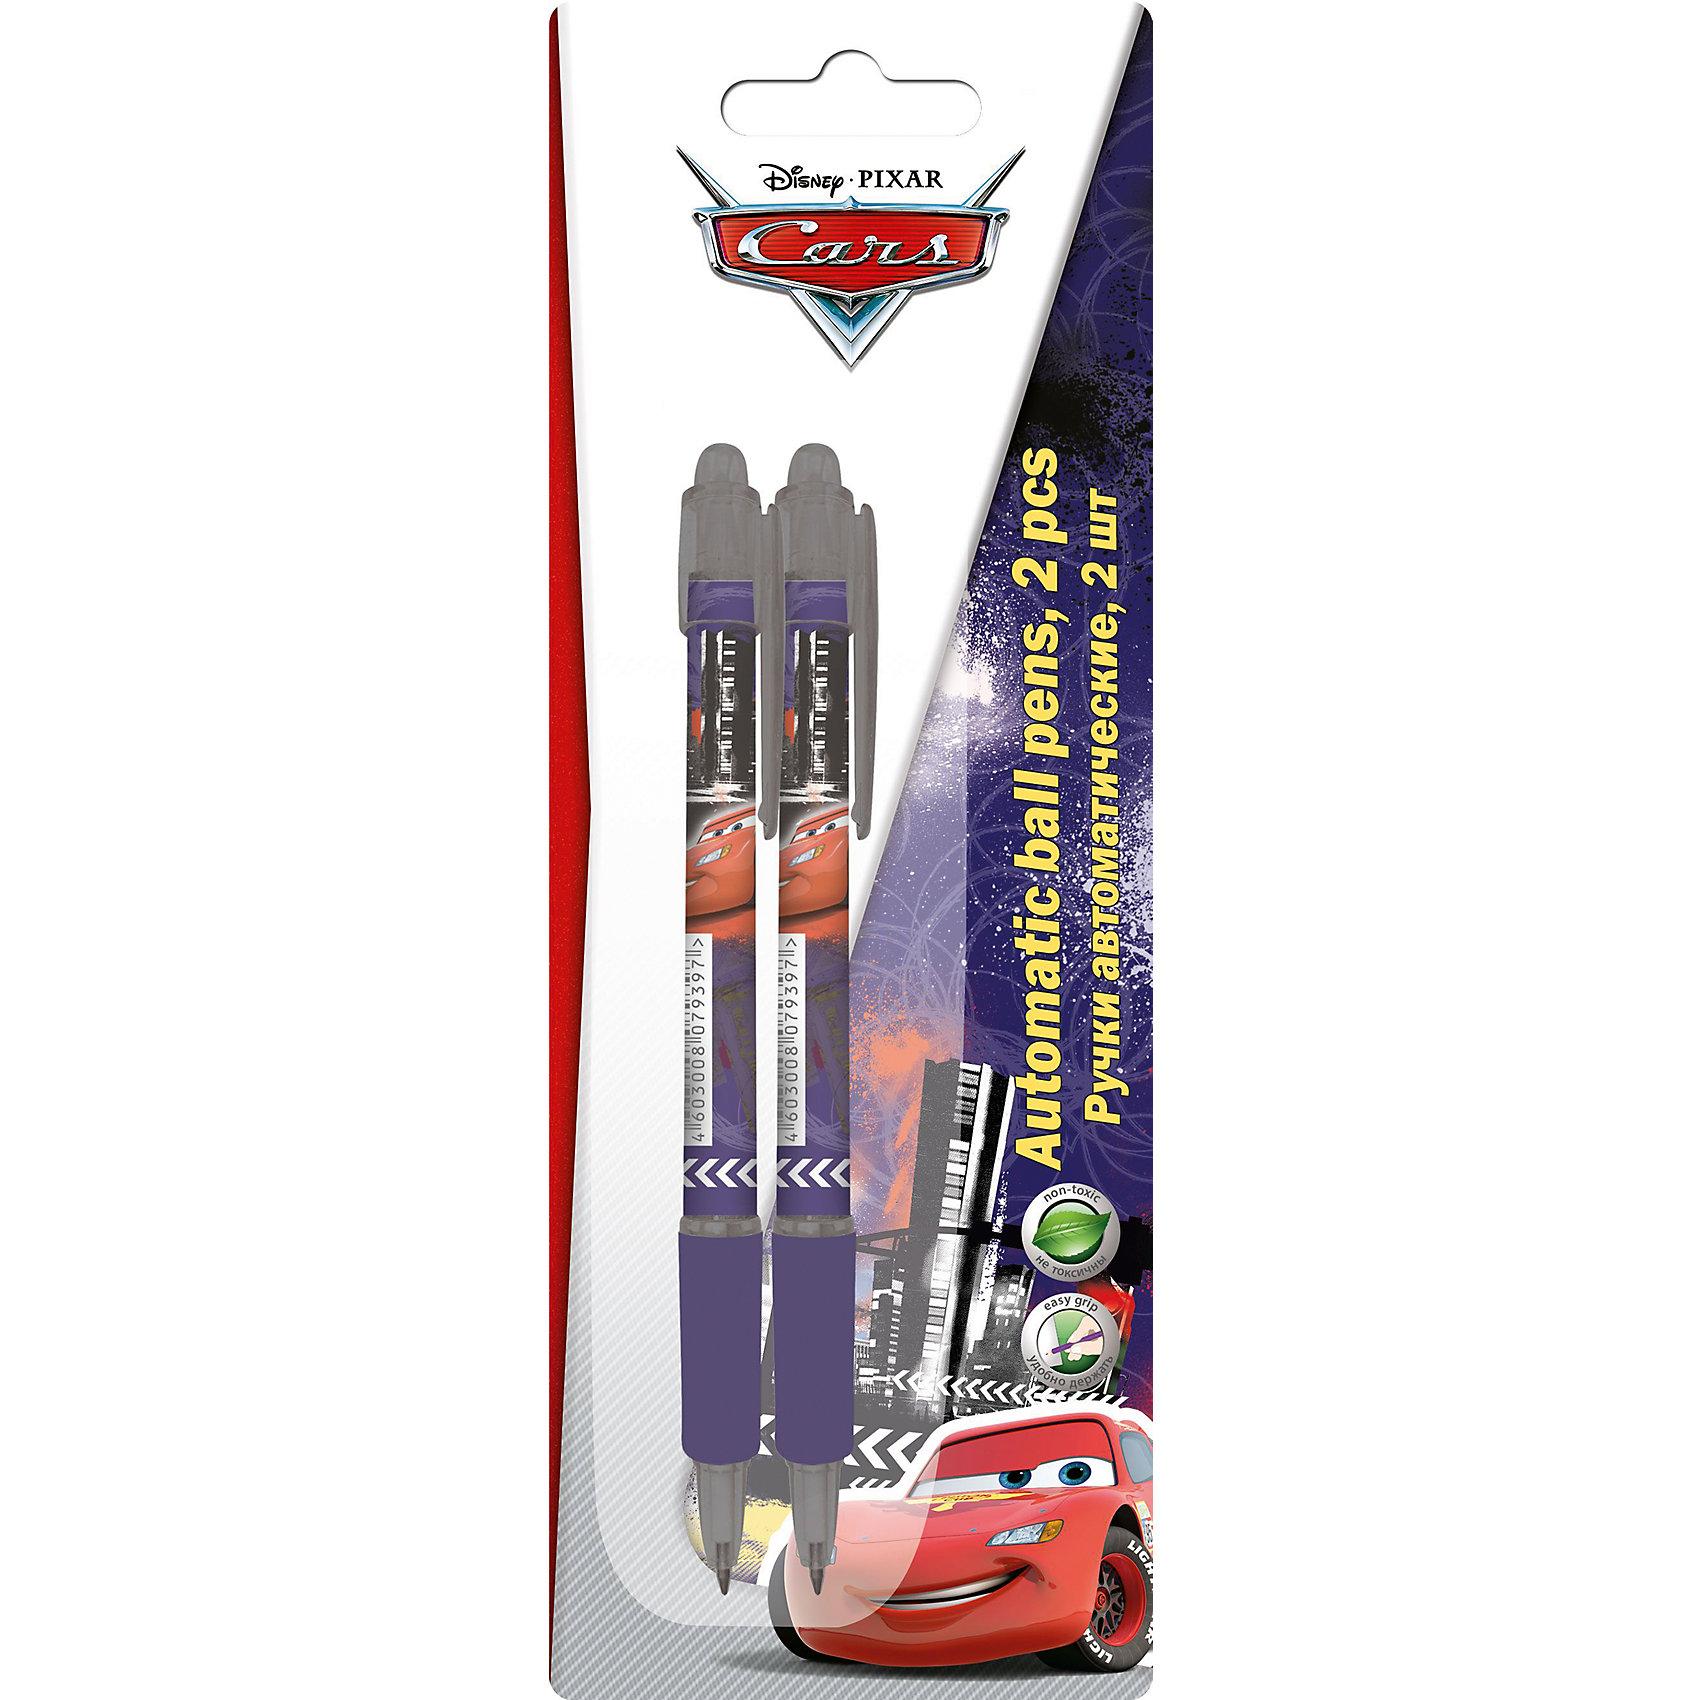 Синие шариковые ручки Тачки, 2 шт.Набор автоматических ручек - это прекрасный подарок школьнику или студенту. Ручки упакованы в блистерную упаковку, цвет пасты- синий, 2в комплекте 2 штуки. На корпусе ручек - полноцветная печать с изображением любимых героев.<br><br>Дополнительная информация:<br><br>Размер: 20 х 7 х 1,5 см.<br><br>Синие шариковые ручки Тачки (Cars), 2 шт. можно купить в нашем магазине.<br><br>Ширина мм: 200<br>Глубина мм: 70<br>Высота мм: 15<br>Вес г: 30<br>Возраст от месяцев: 48<br>Возраст до месяцев: 108<br>Пол: Мужской<br>Возраст: Детский<br>SKU: 4177224